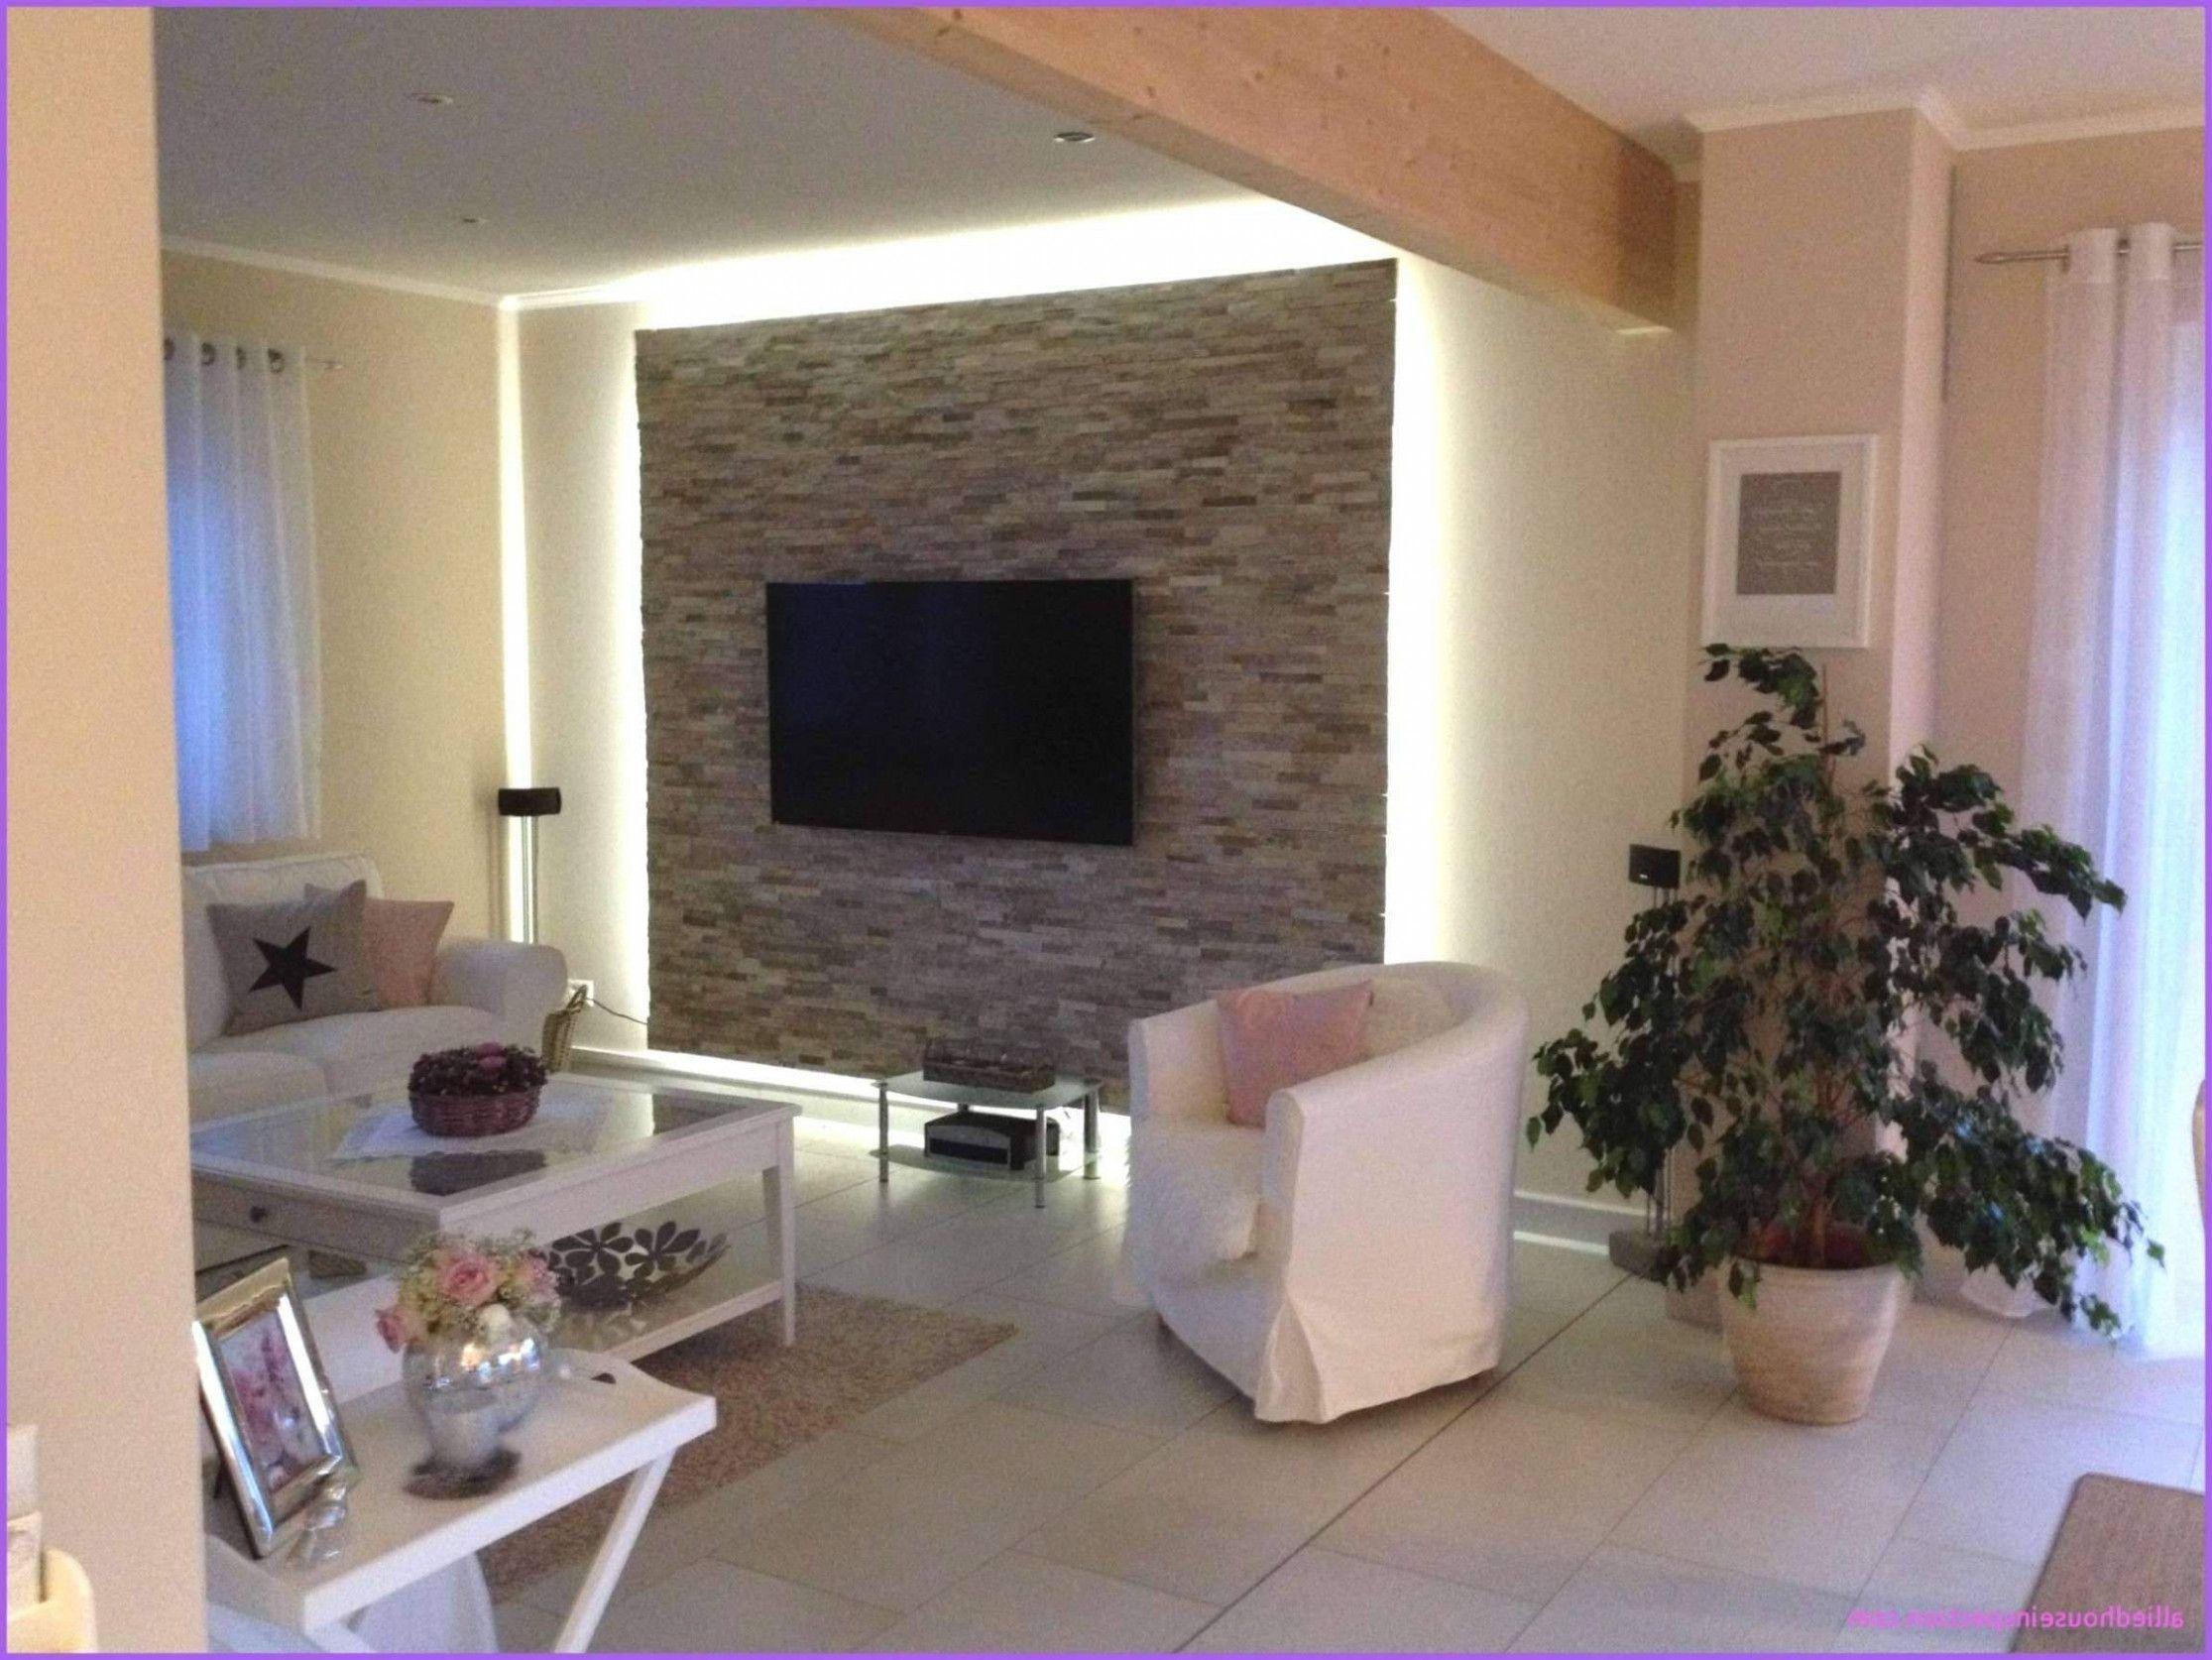 6 Ausmalen Wohn Ideen in 6  Gardinen wohnzimmer modern